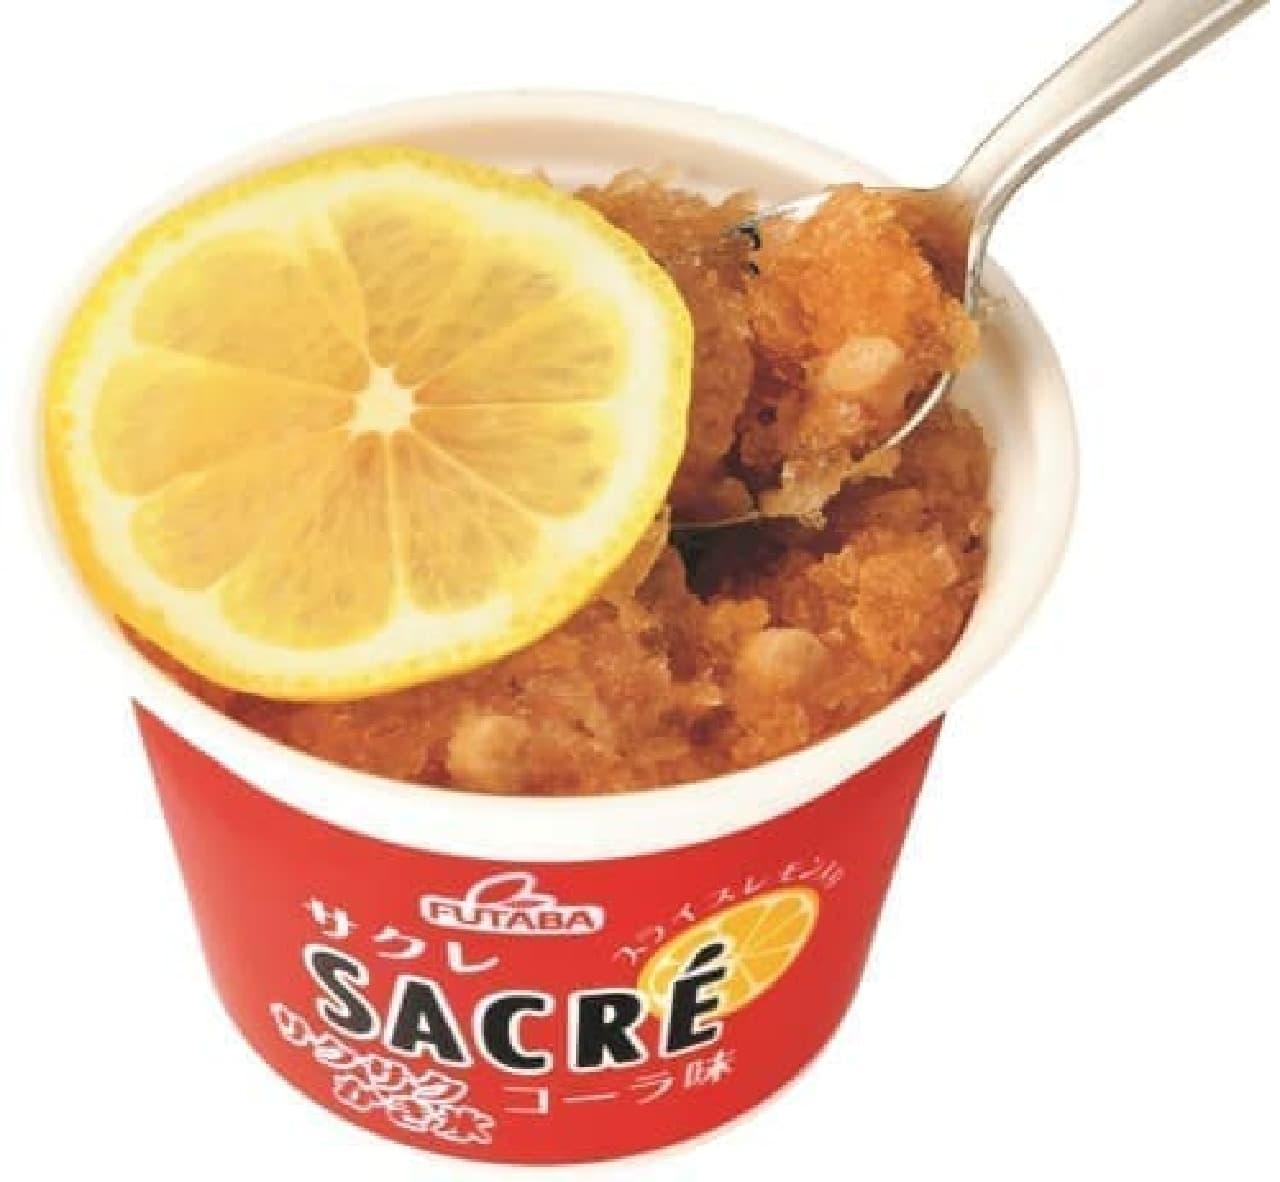 フタバ食品「サクレ コーラ味」